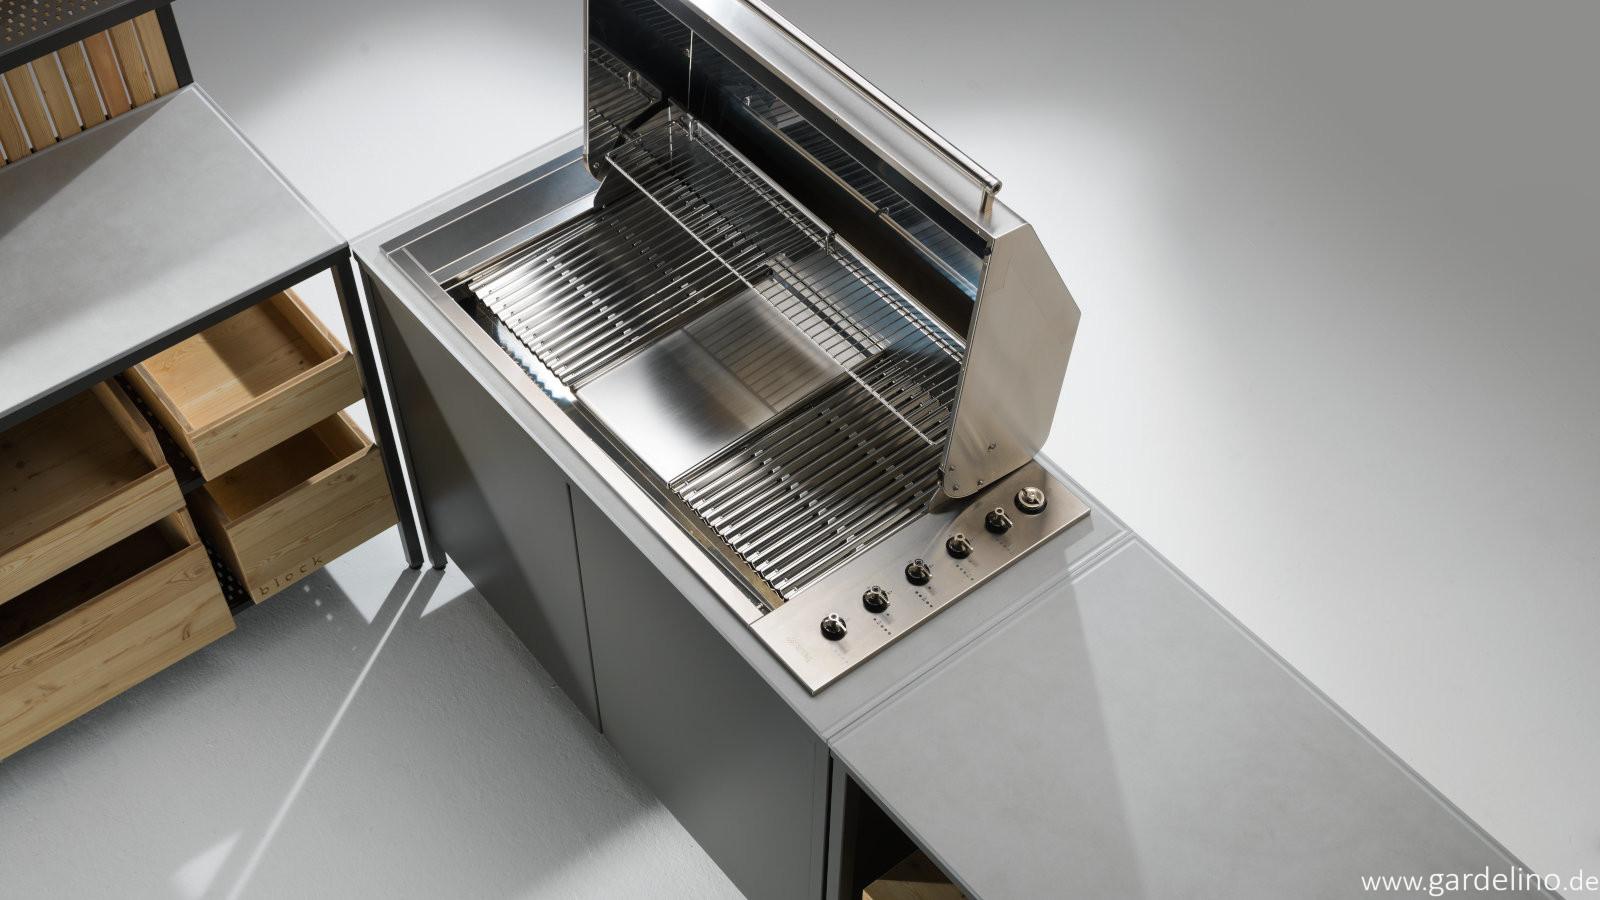 Outdoor Küche Block : Kaufmann grillkitchen block t bone aussenküche outdoorküche